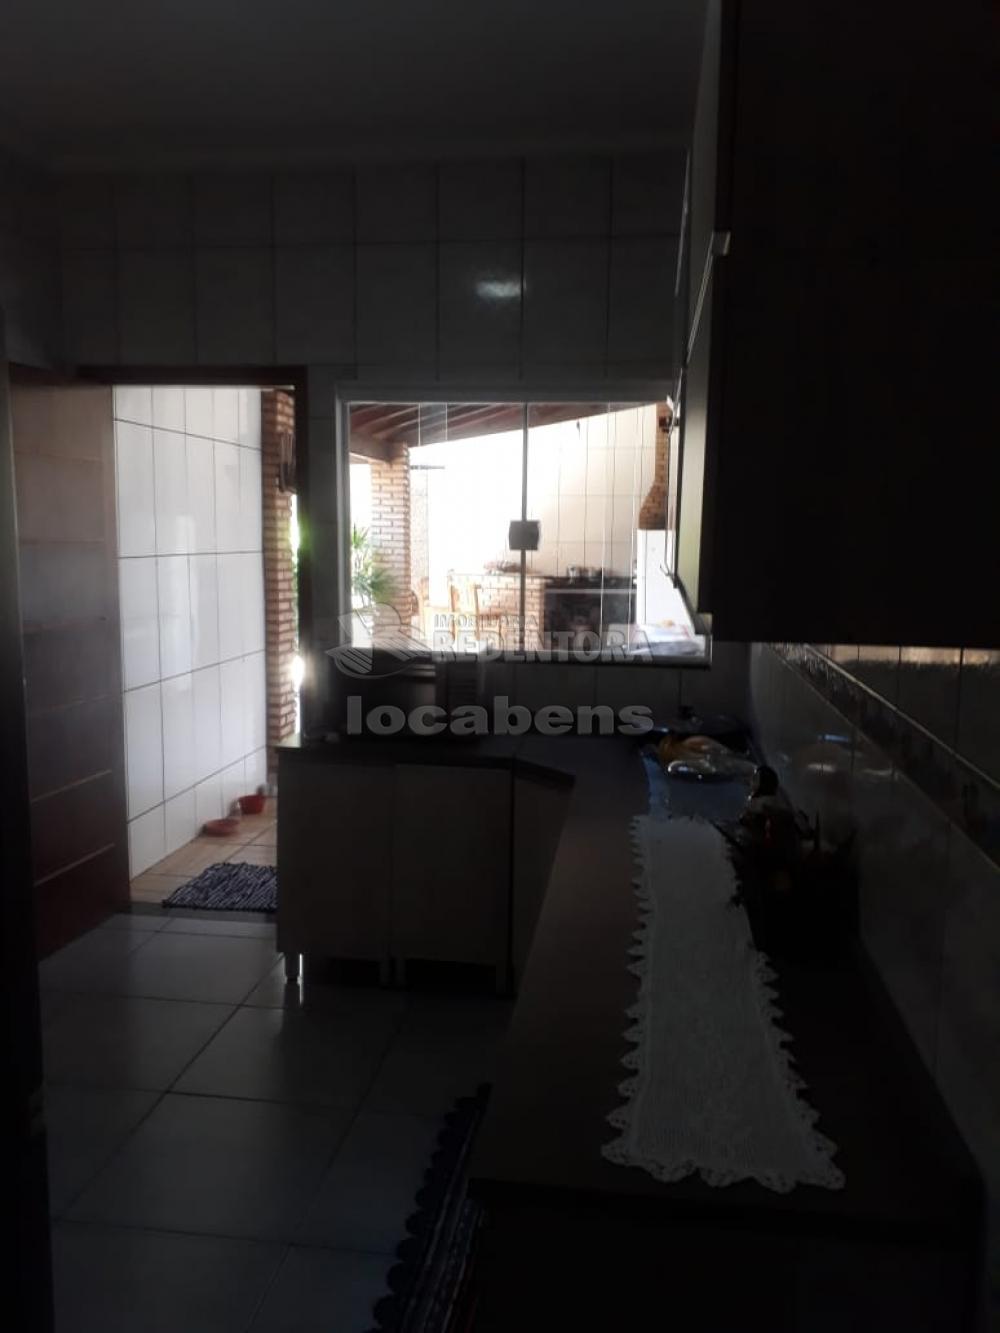 Comprar Casa / Padrão em São José do Rio Preto R$ 330.000,00 - Foto 34